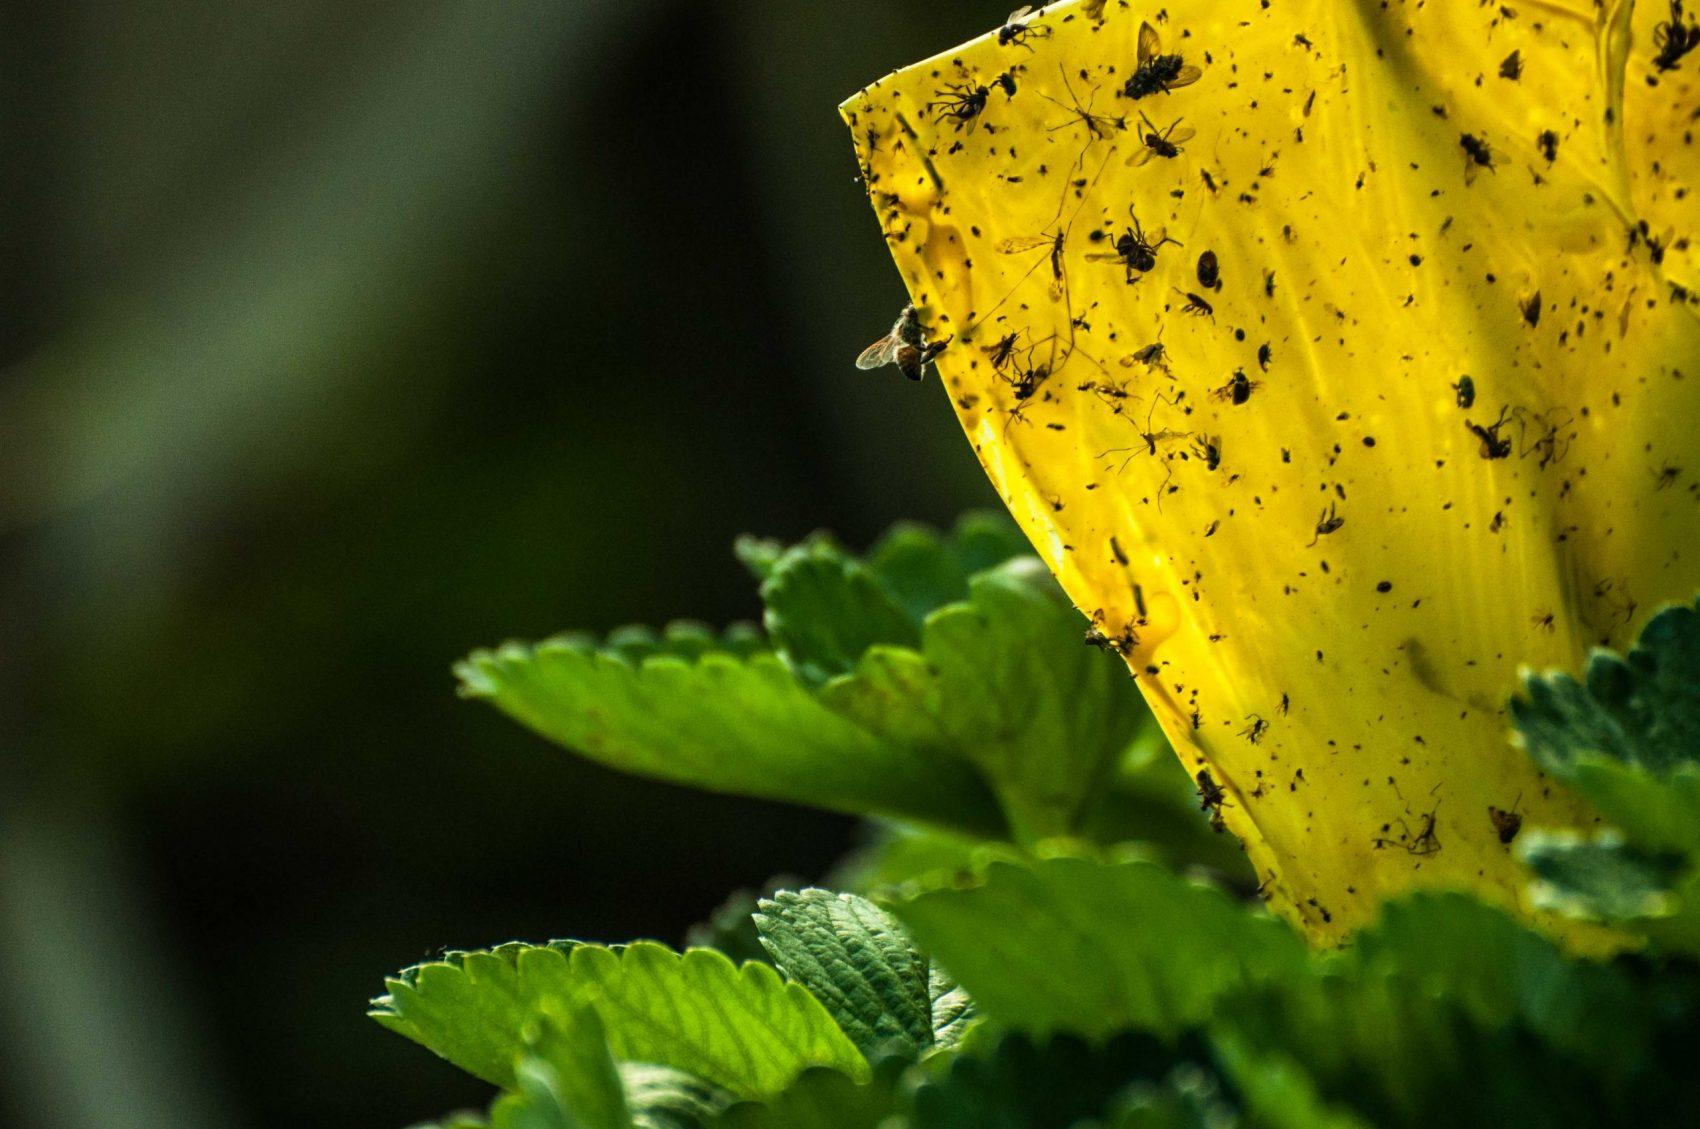 A agricultura de base ecológica, em suas variadas manifestações, pode ser um virtuoso caminho na busca pela harmonia entre produção e conservação